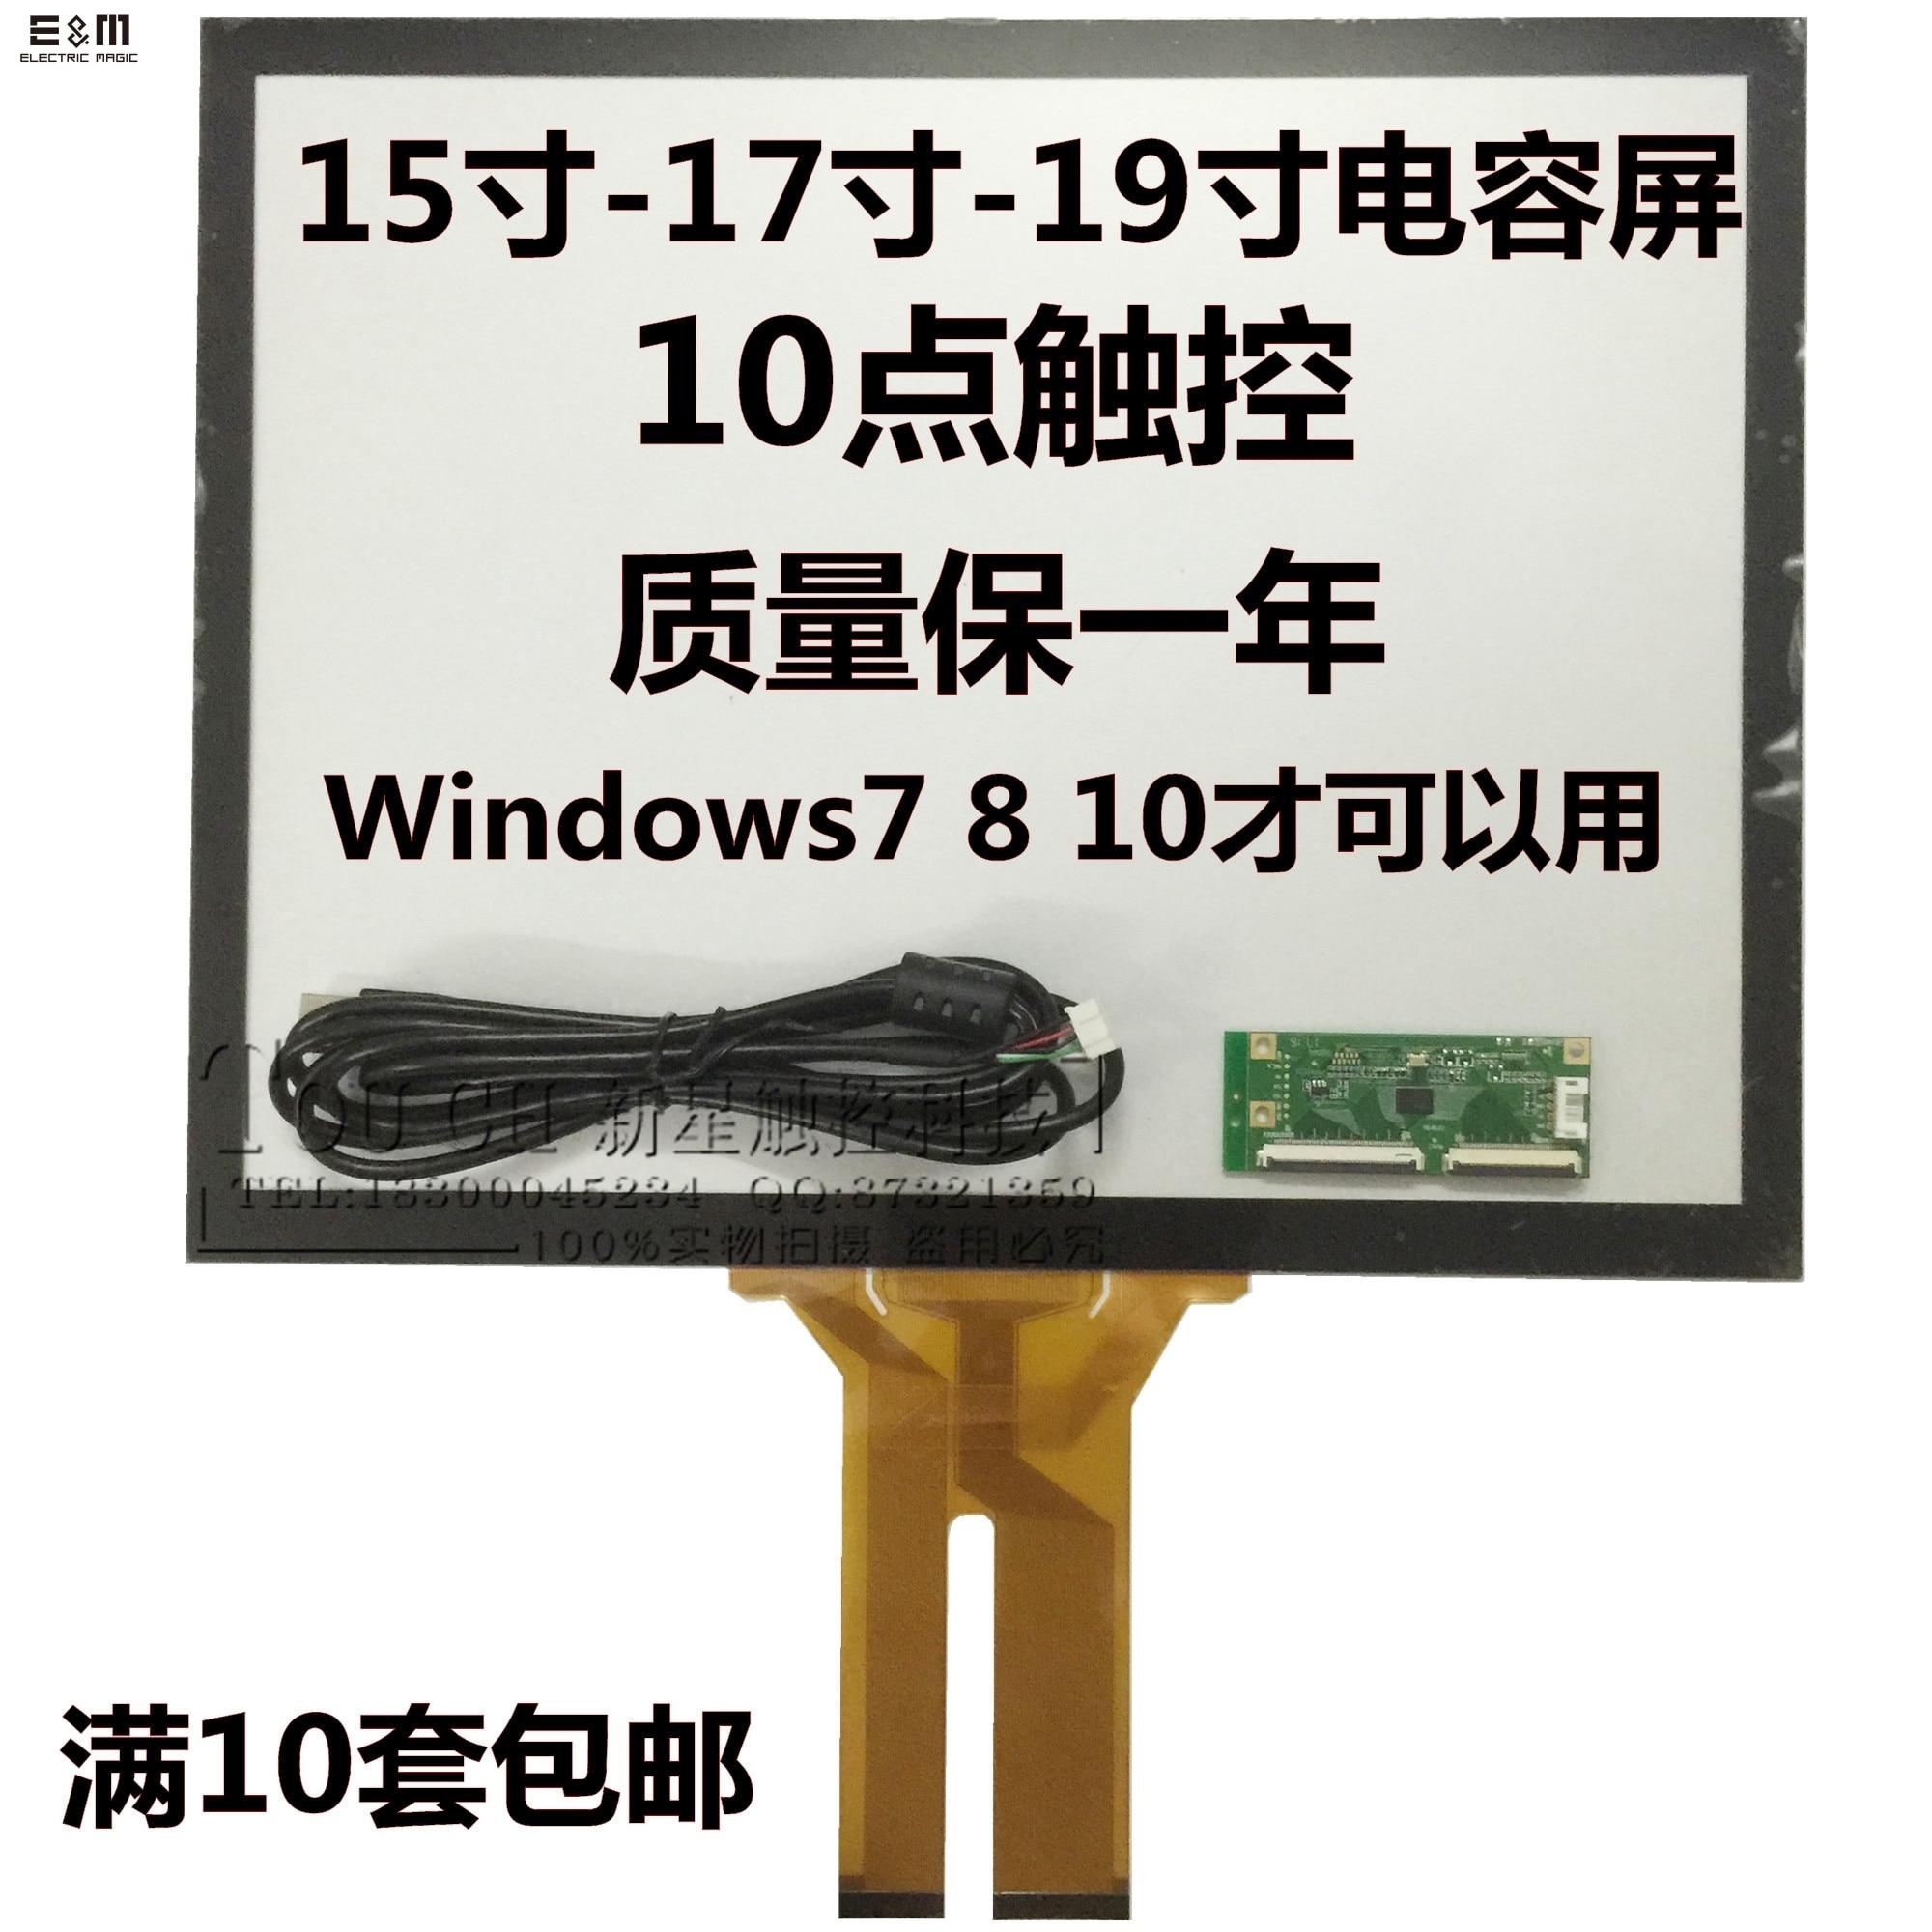 Bricolage 17 pouces écran tactile industriel écran tactile capacitif USB 10 points écran tactile Windows 7 8 10 tactile LCD Modules